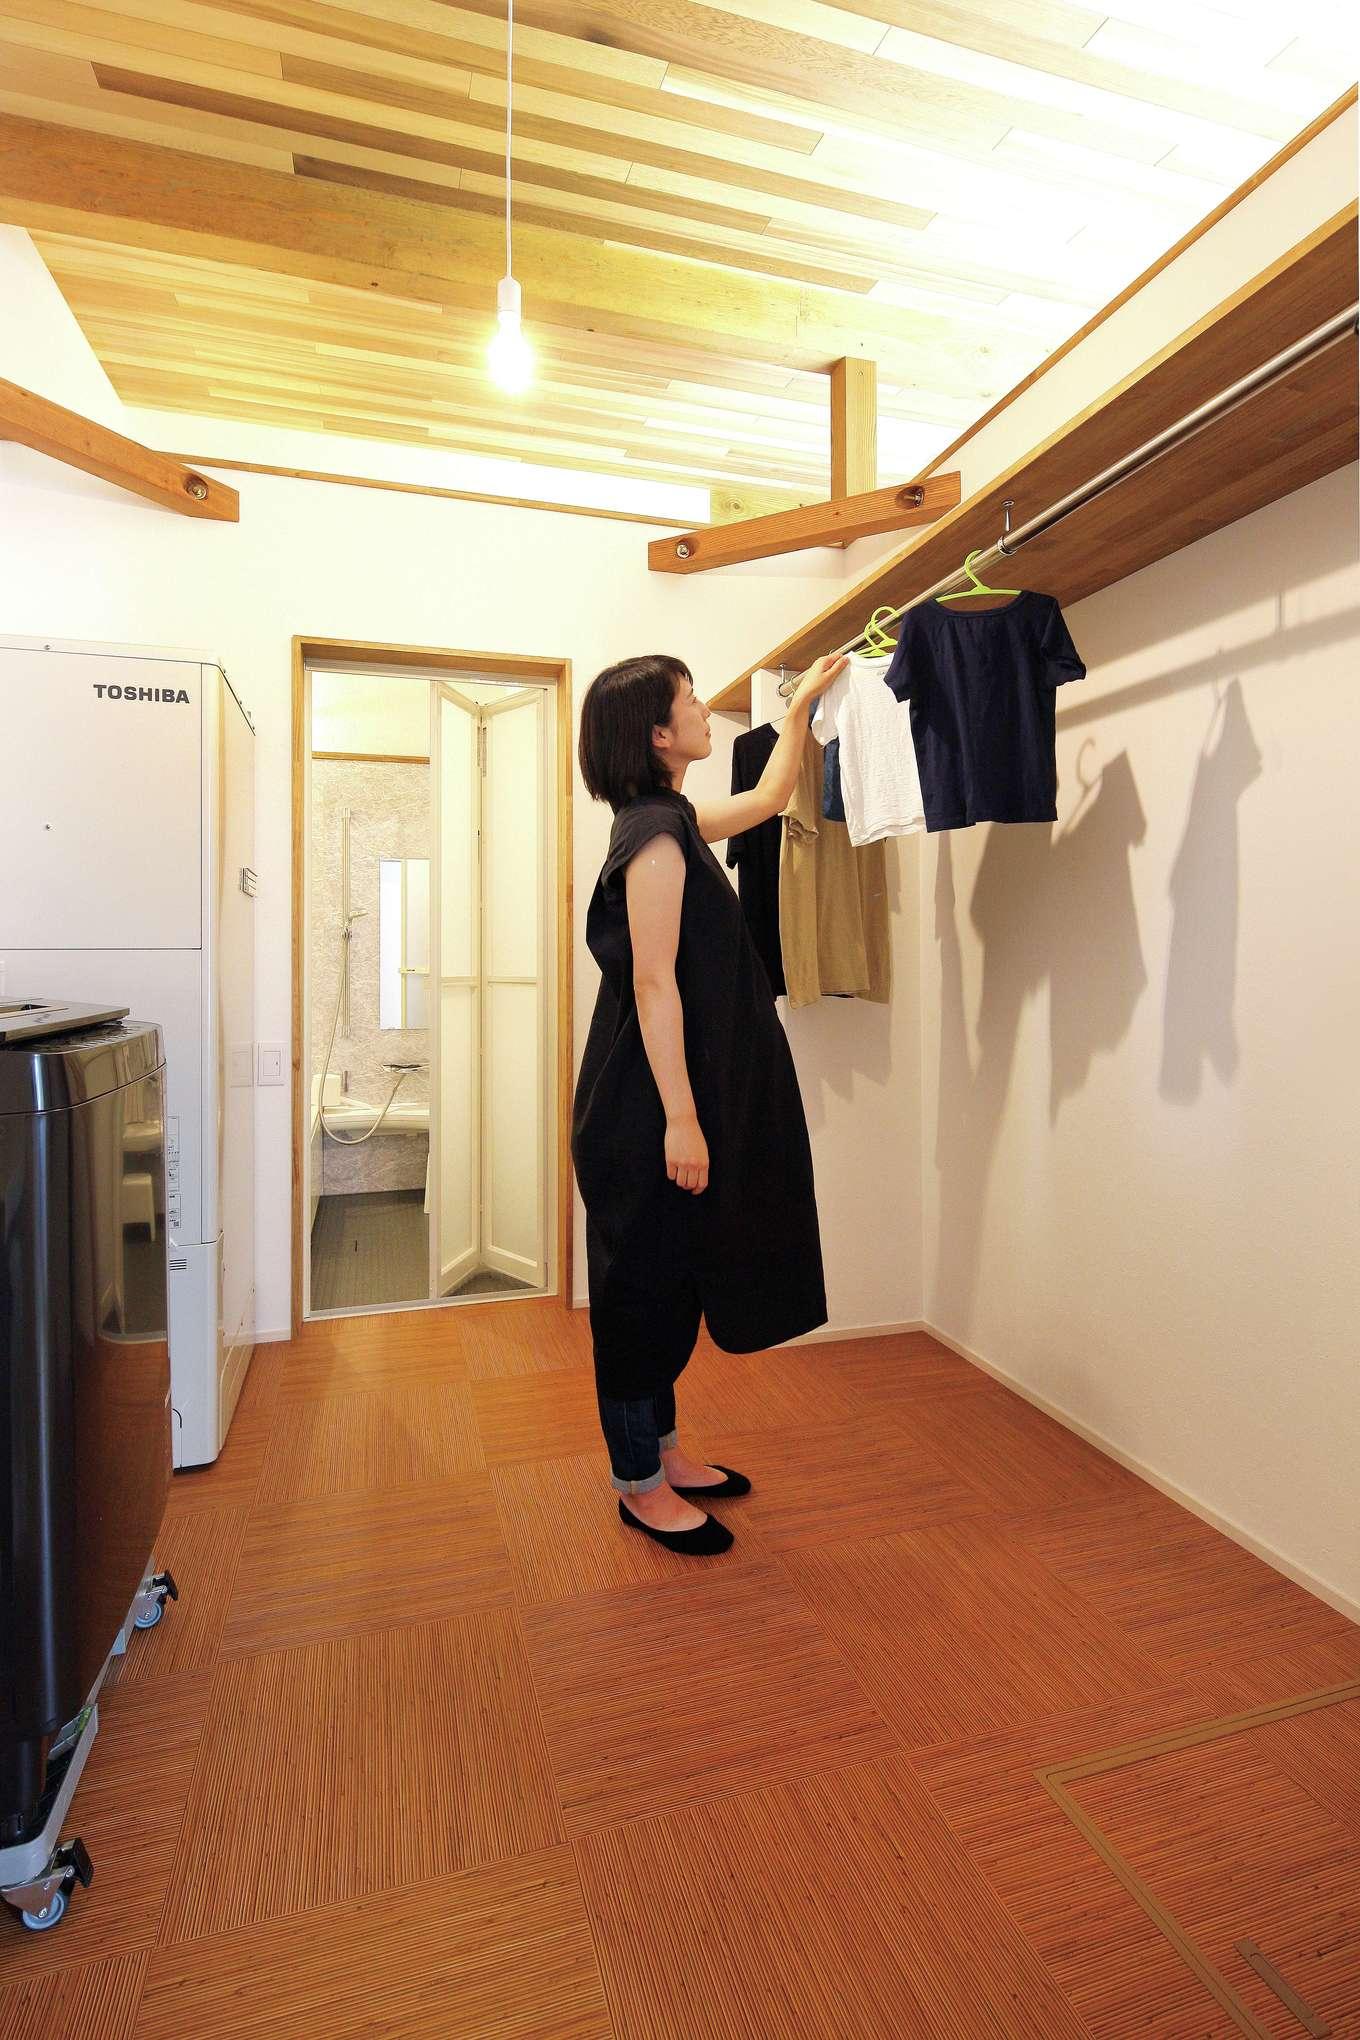 共感住宅 ray-out (レイアウト)【デザイン住宅、趣味、間取り】室内干しコーナーとウォークインクローゼットを確保した脱衣室。生活スタイルに合わせて、緻密に設計された動線が家事の負担を軽減する